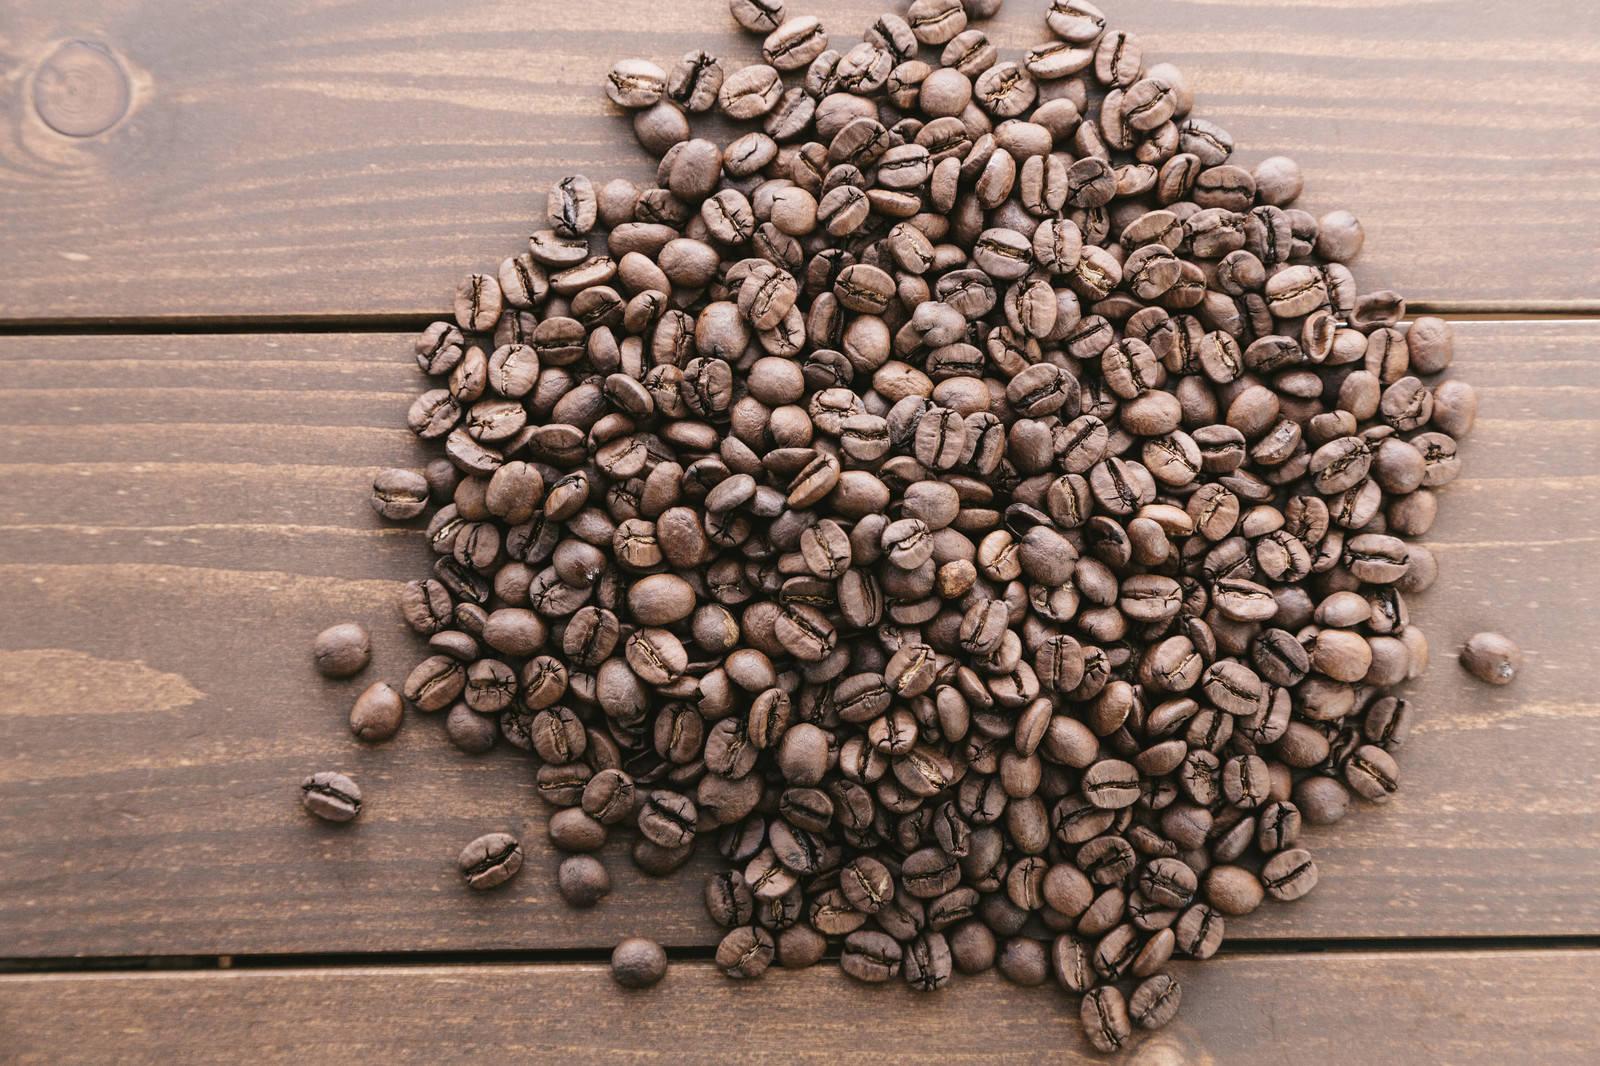 「木目のテーブルとコーヒー豆」の写真